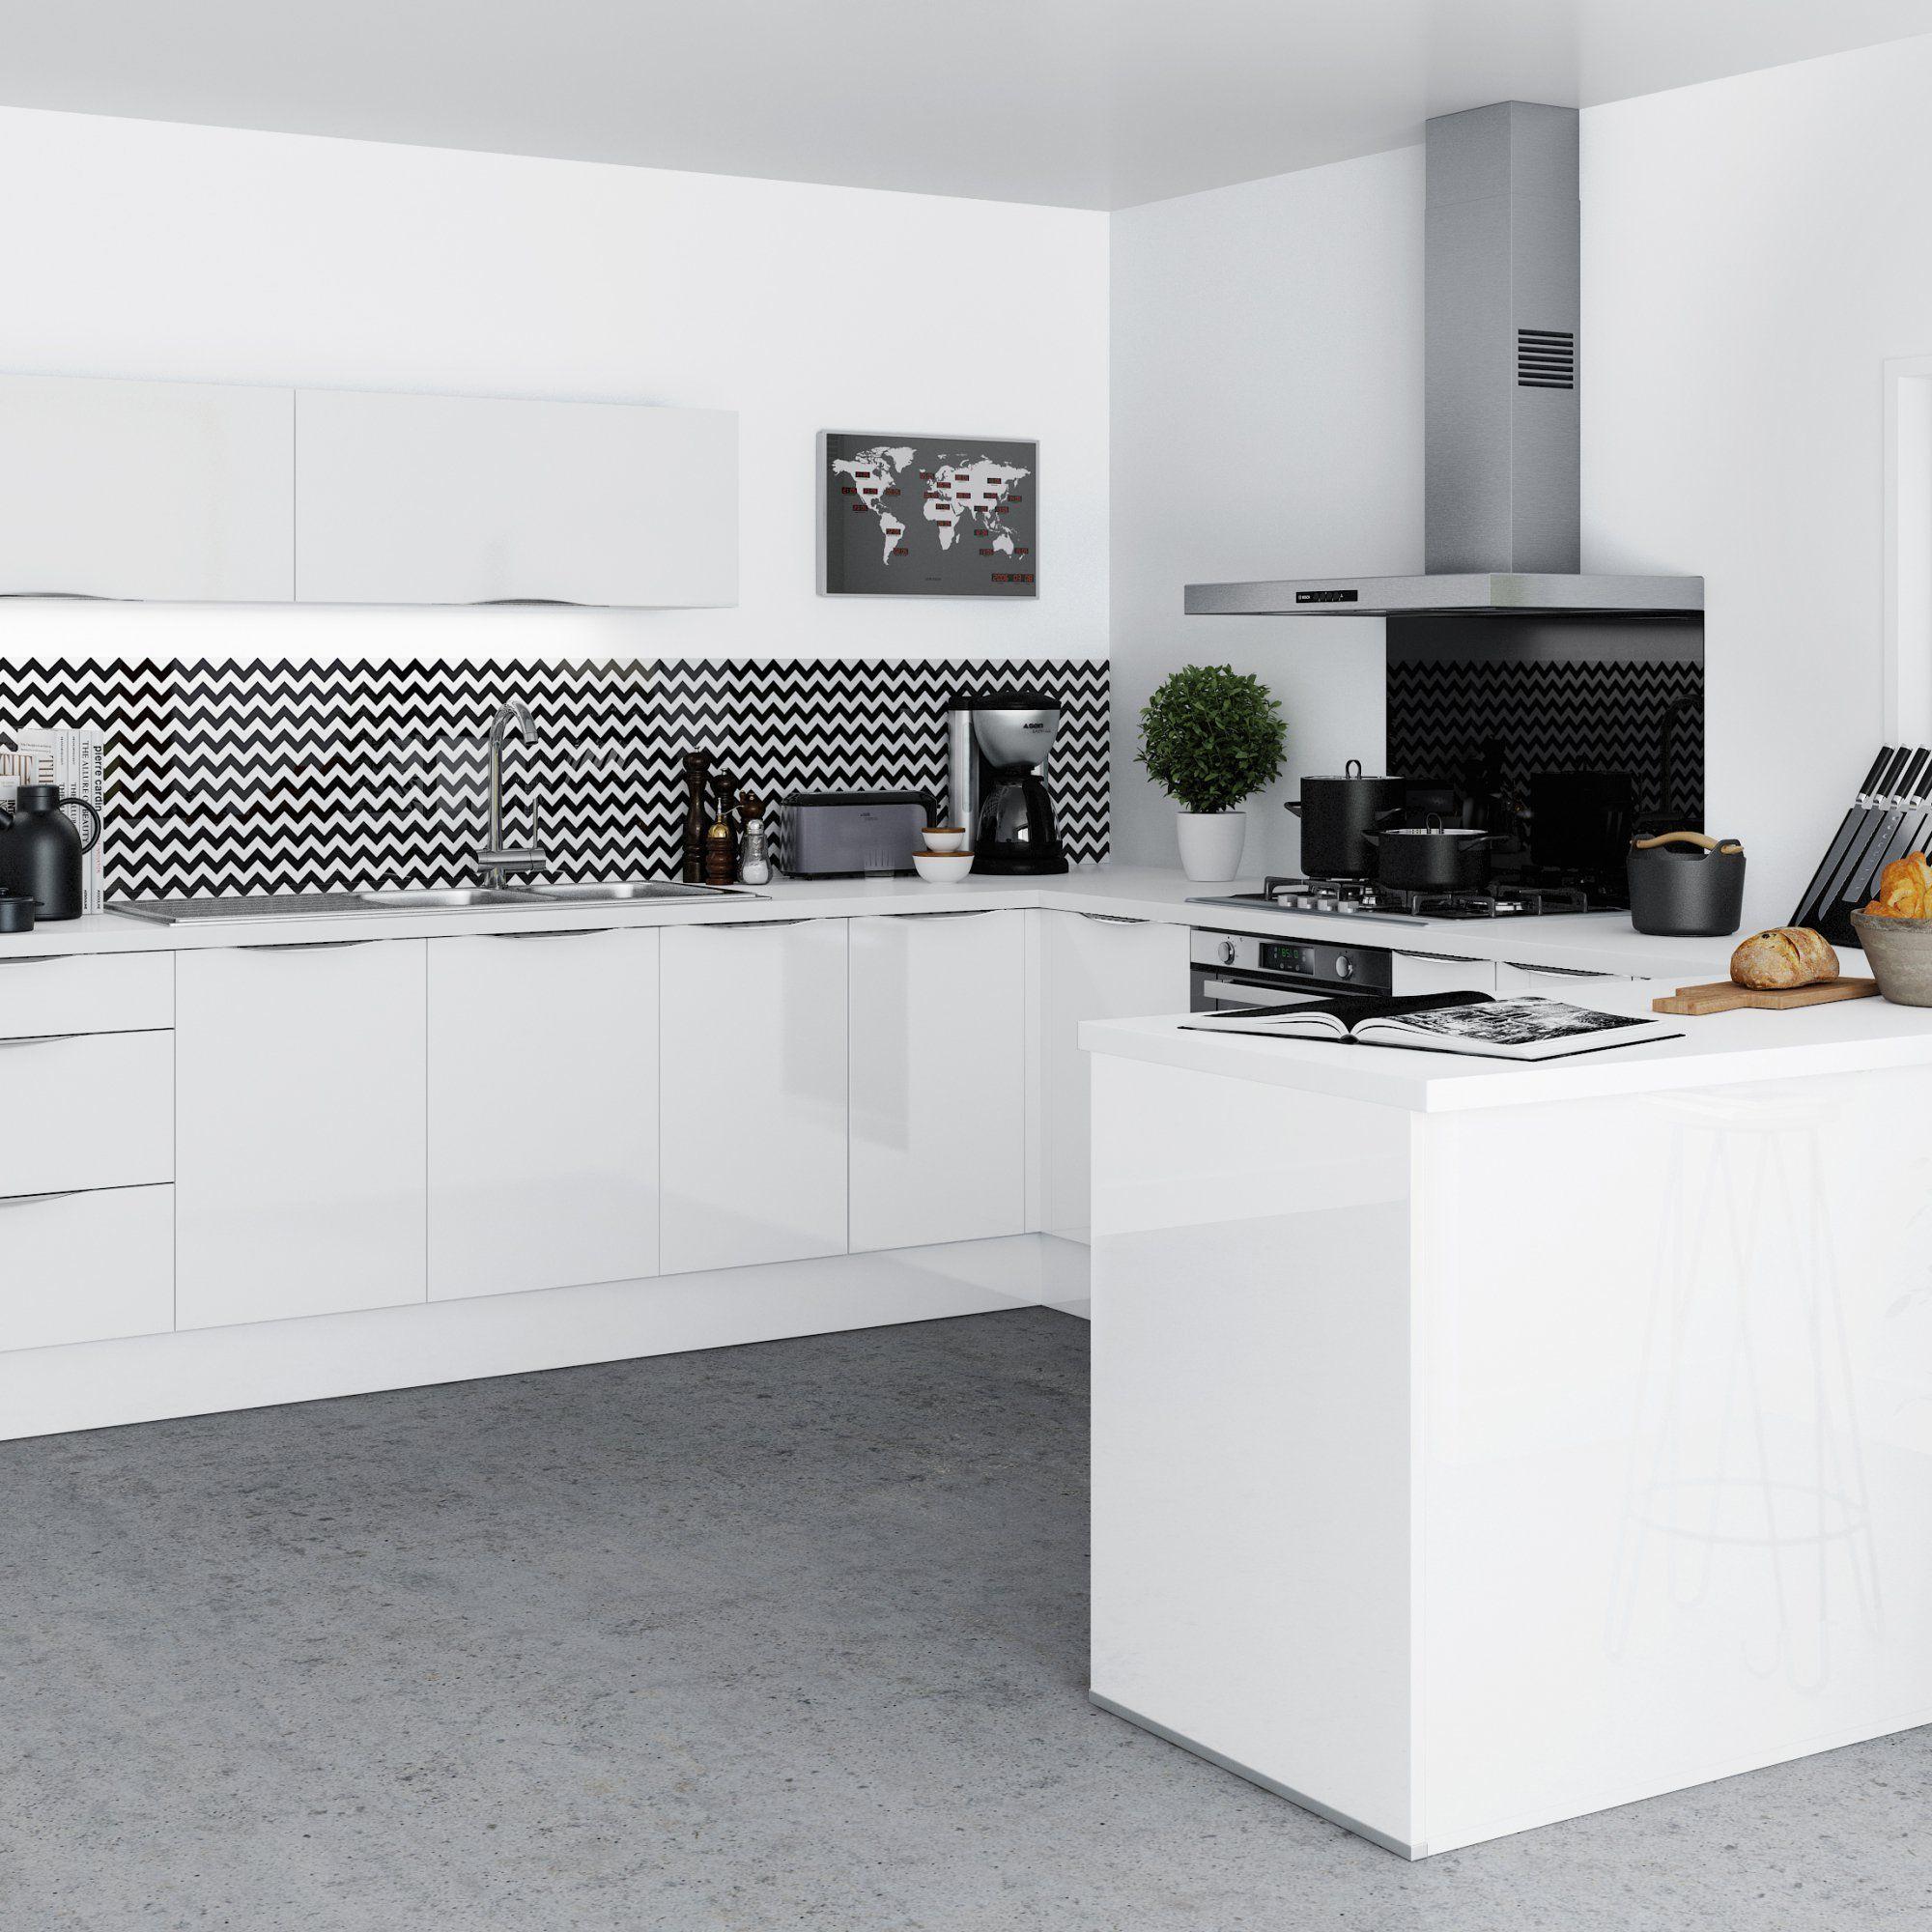 Cuisine Blanche Laquee Avec Credence Geometrique Tres Contemporaine Et Moderne Ouverte Avec Un Comptoi Cuisine Tendance Cuisine Blanc Laque Idee Deco Cuisine